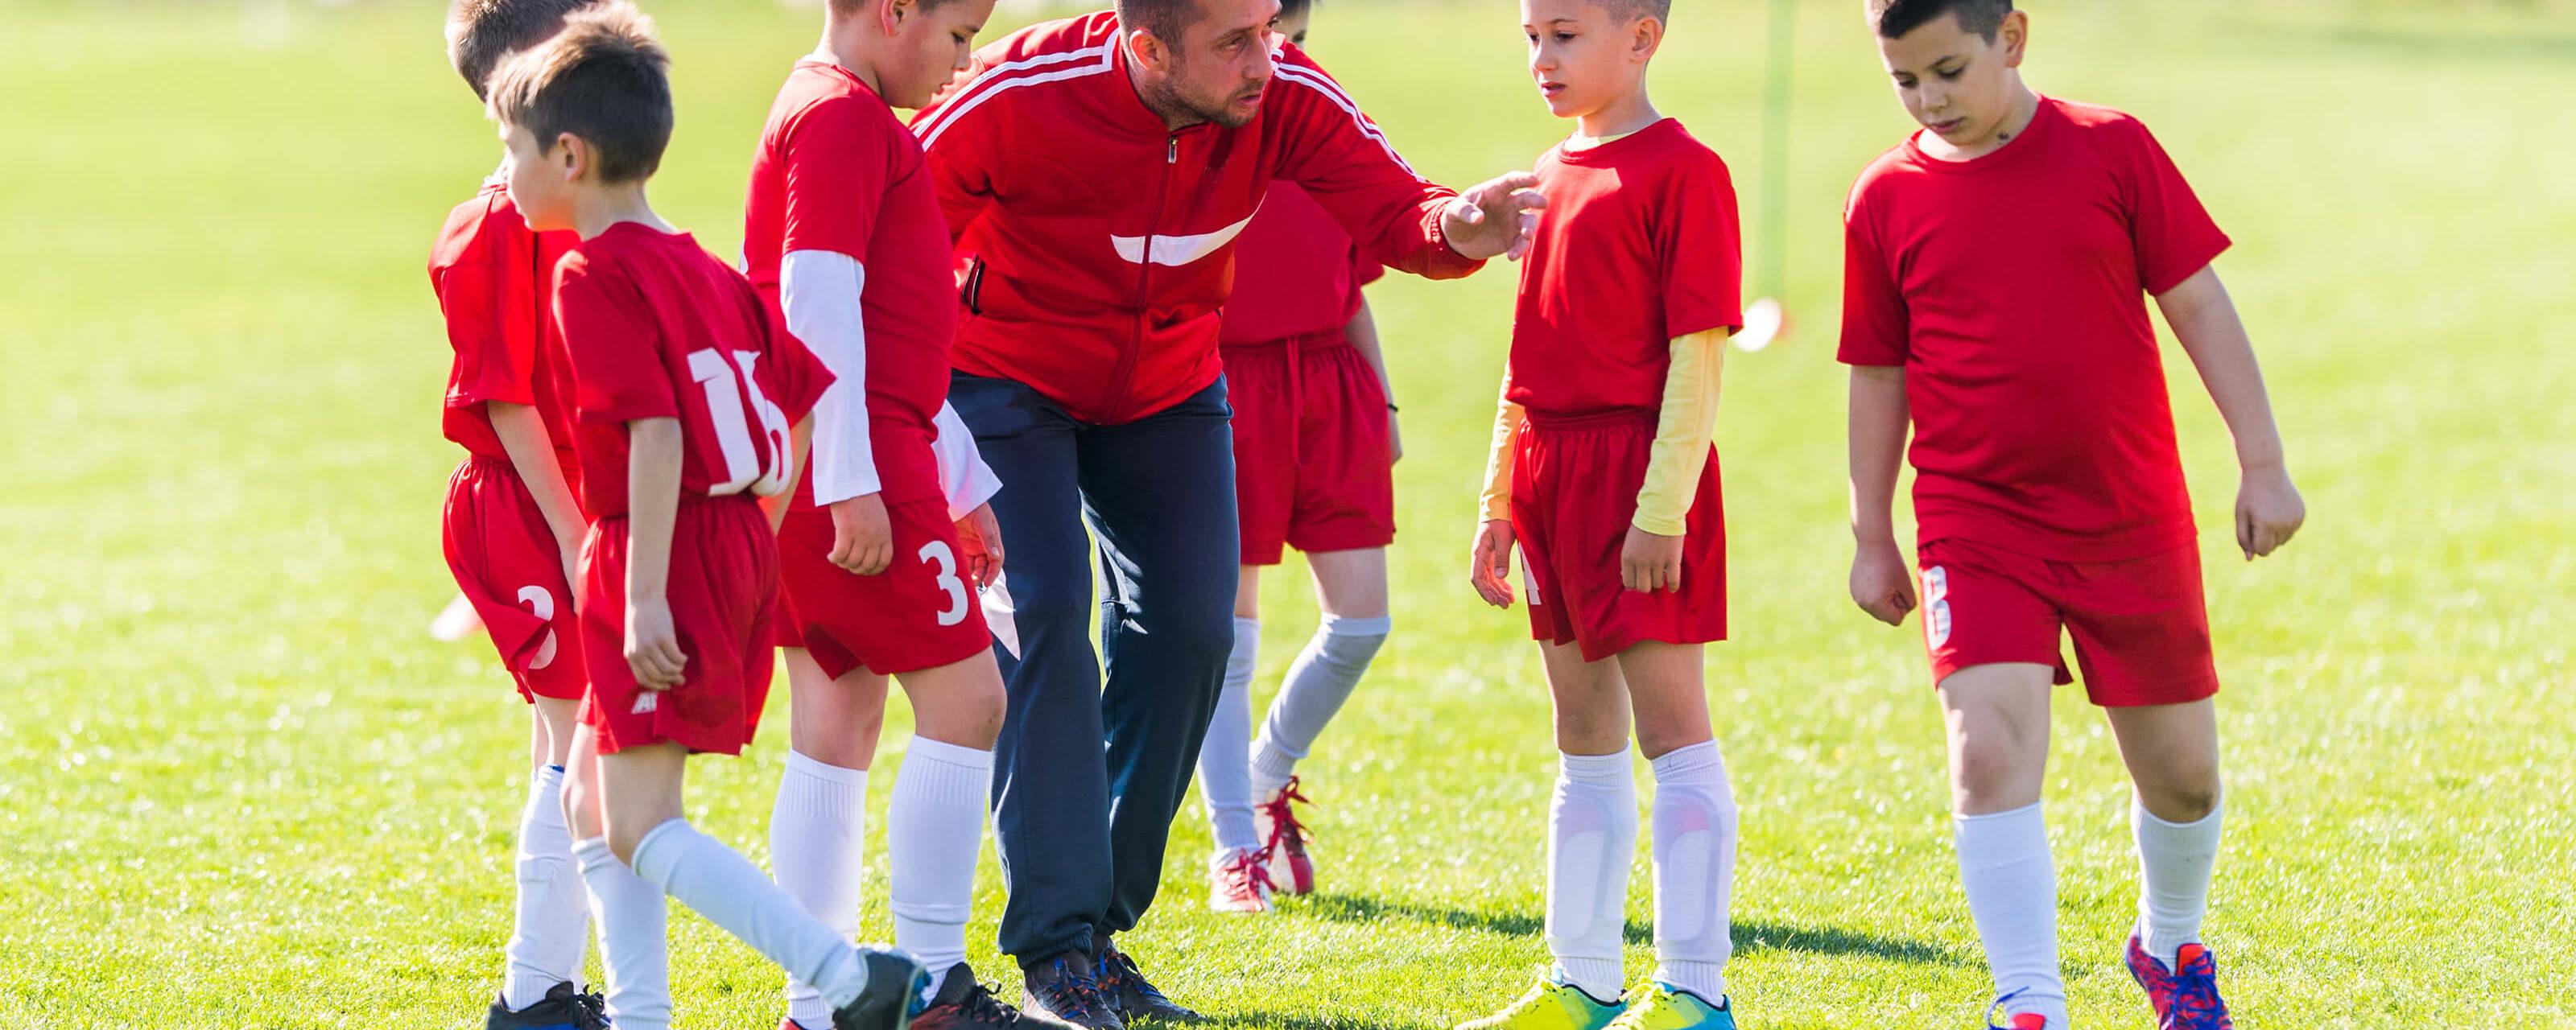 Cambiare l'allenatore: da evento potenzialmente traumatico a opportunità di crescita, cosa cambia a seconda dell'età dell'atleta